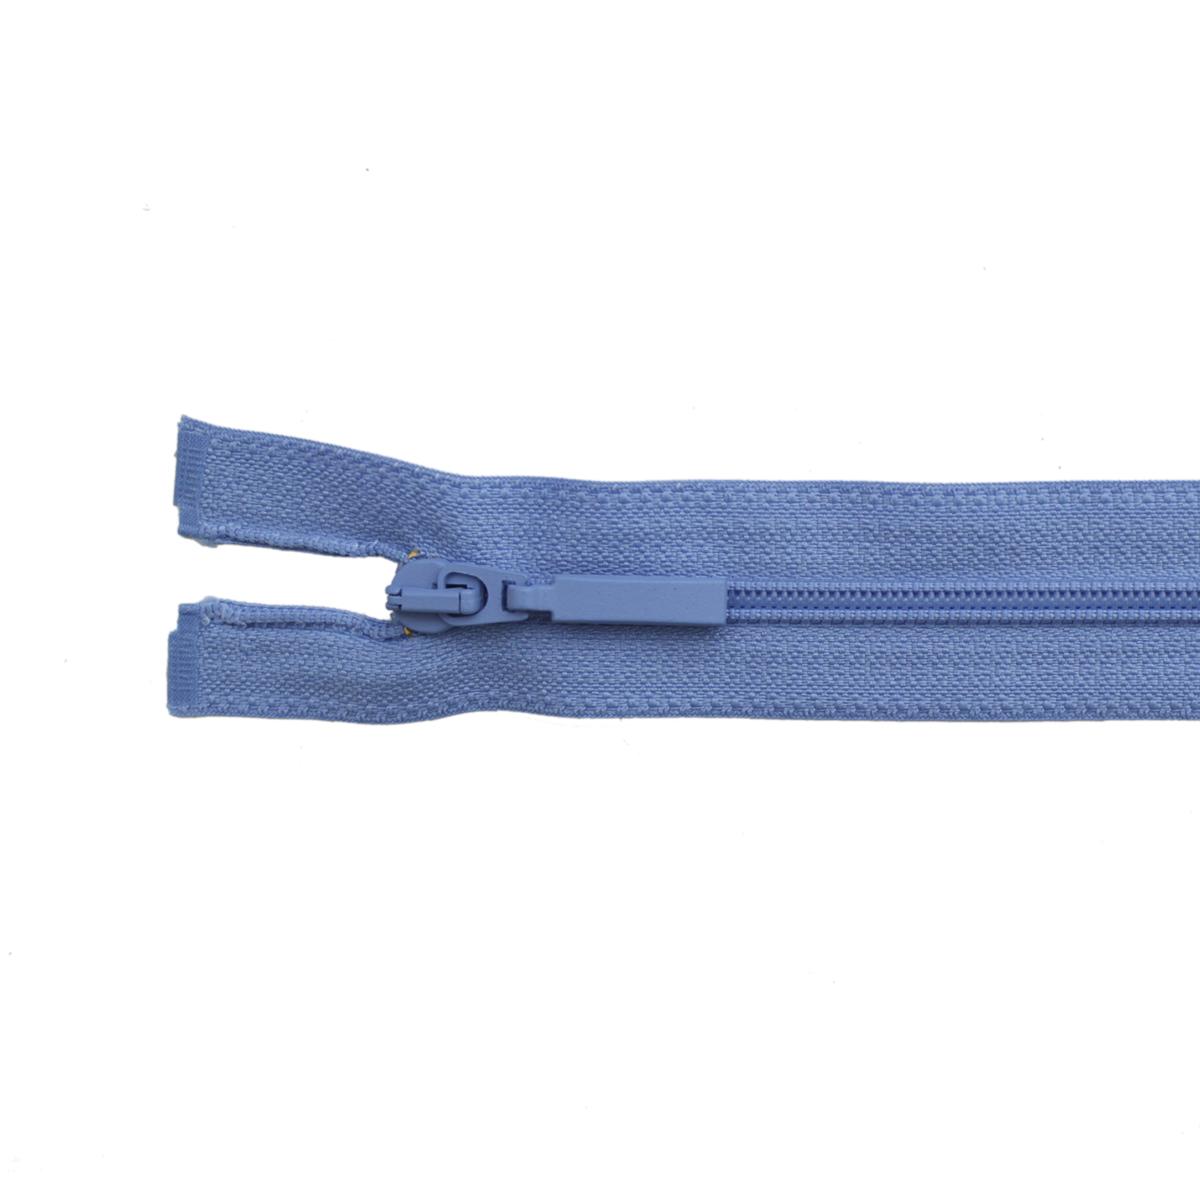 Застежка-молния витая Arta-F, цвет: голубой (260), 70 см25370-260Продукция ARTA-F сертифицирована на Российский, Британский и Латвийский стандарт. Фурнитура ARTA-F изготавливается из европейских материалов, на современном оборудовании, в соответствии с высокими требованиями стандартов. Вся продукция фабрики проходит тесты на качество.Звено застежки-молнии Экстра имеет боковые приливы, которые исключают контакт замка с текстильной лентой, а сокращенный до минимума зазор между замком и приливами звена предохраняет от возможности попадания в замок подкладки, меха, нитей. В то же время эти меры повышают прочность застежки при высоких нагрузках, особенно на изгиб. Применение таких приливов на молниях ARTA-F не только повышает эксплуатационные качества застежки, но и увеличивает прочность крепления звена к ленте, и продлевает срок службы застежек-молний ARTA-F. Такая застежка-молния безопасна, легка в использовании и не повредит одежду.